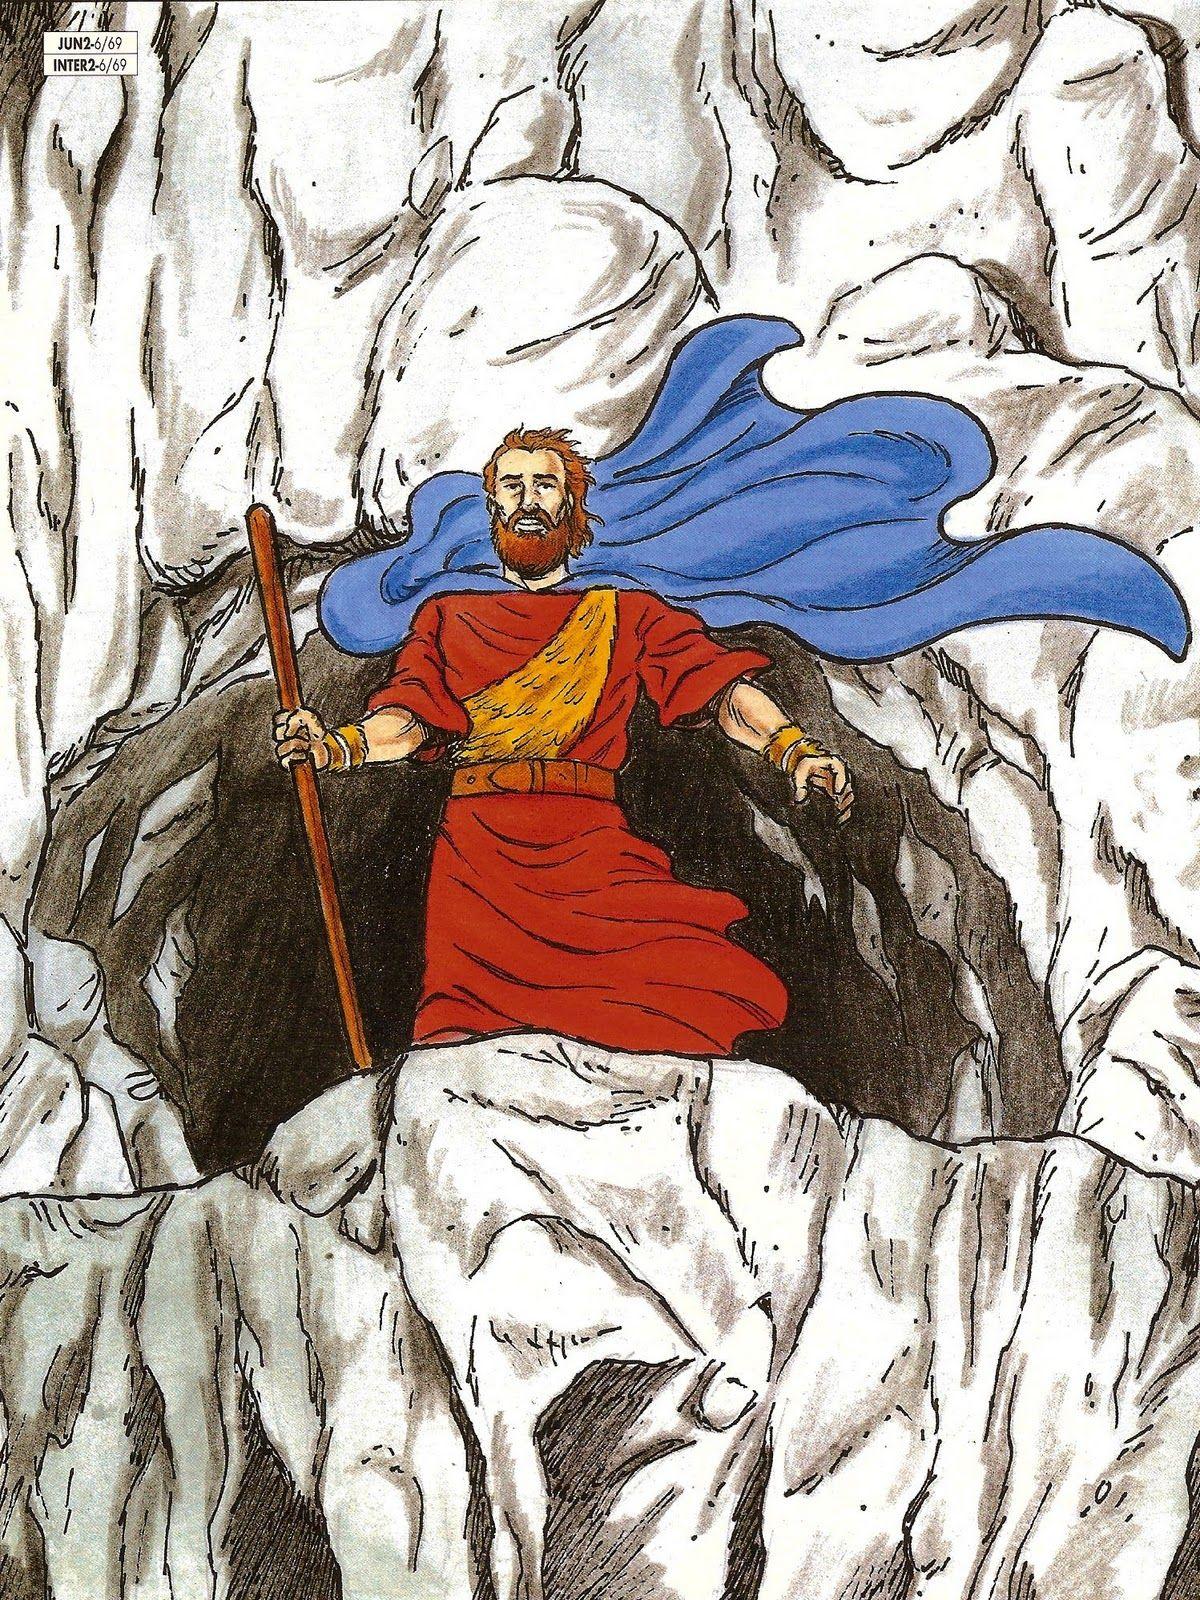 Ao que Deus lhe disse: Vem cá fora, e põe-te no monte perante o Senhor: E eis que o Senhor passou; e um grande e forte vento fendia os montes e despedaçava as penhas diante do Senhor, porém o Senhor não estava no vento; e depois do vento um terremoto, porém o Senhor não estava no terremoto; e depois do terremoto um fogo, porém o Senhor não estava no fogo; e ainda depois do fogo uma voz mansa e delicada. (I REIS 19.11-12)